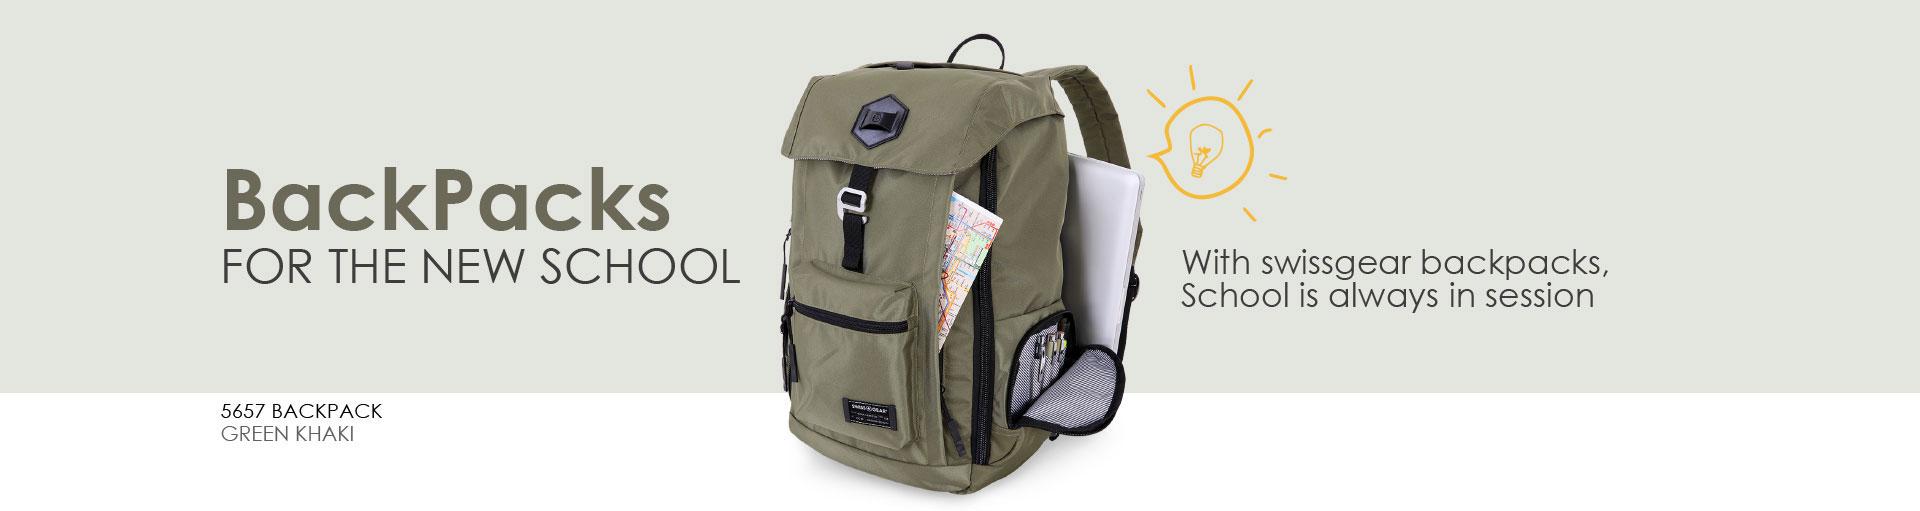 Swissgear School Backpacks